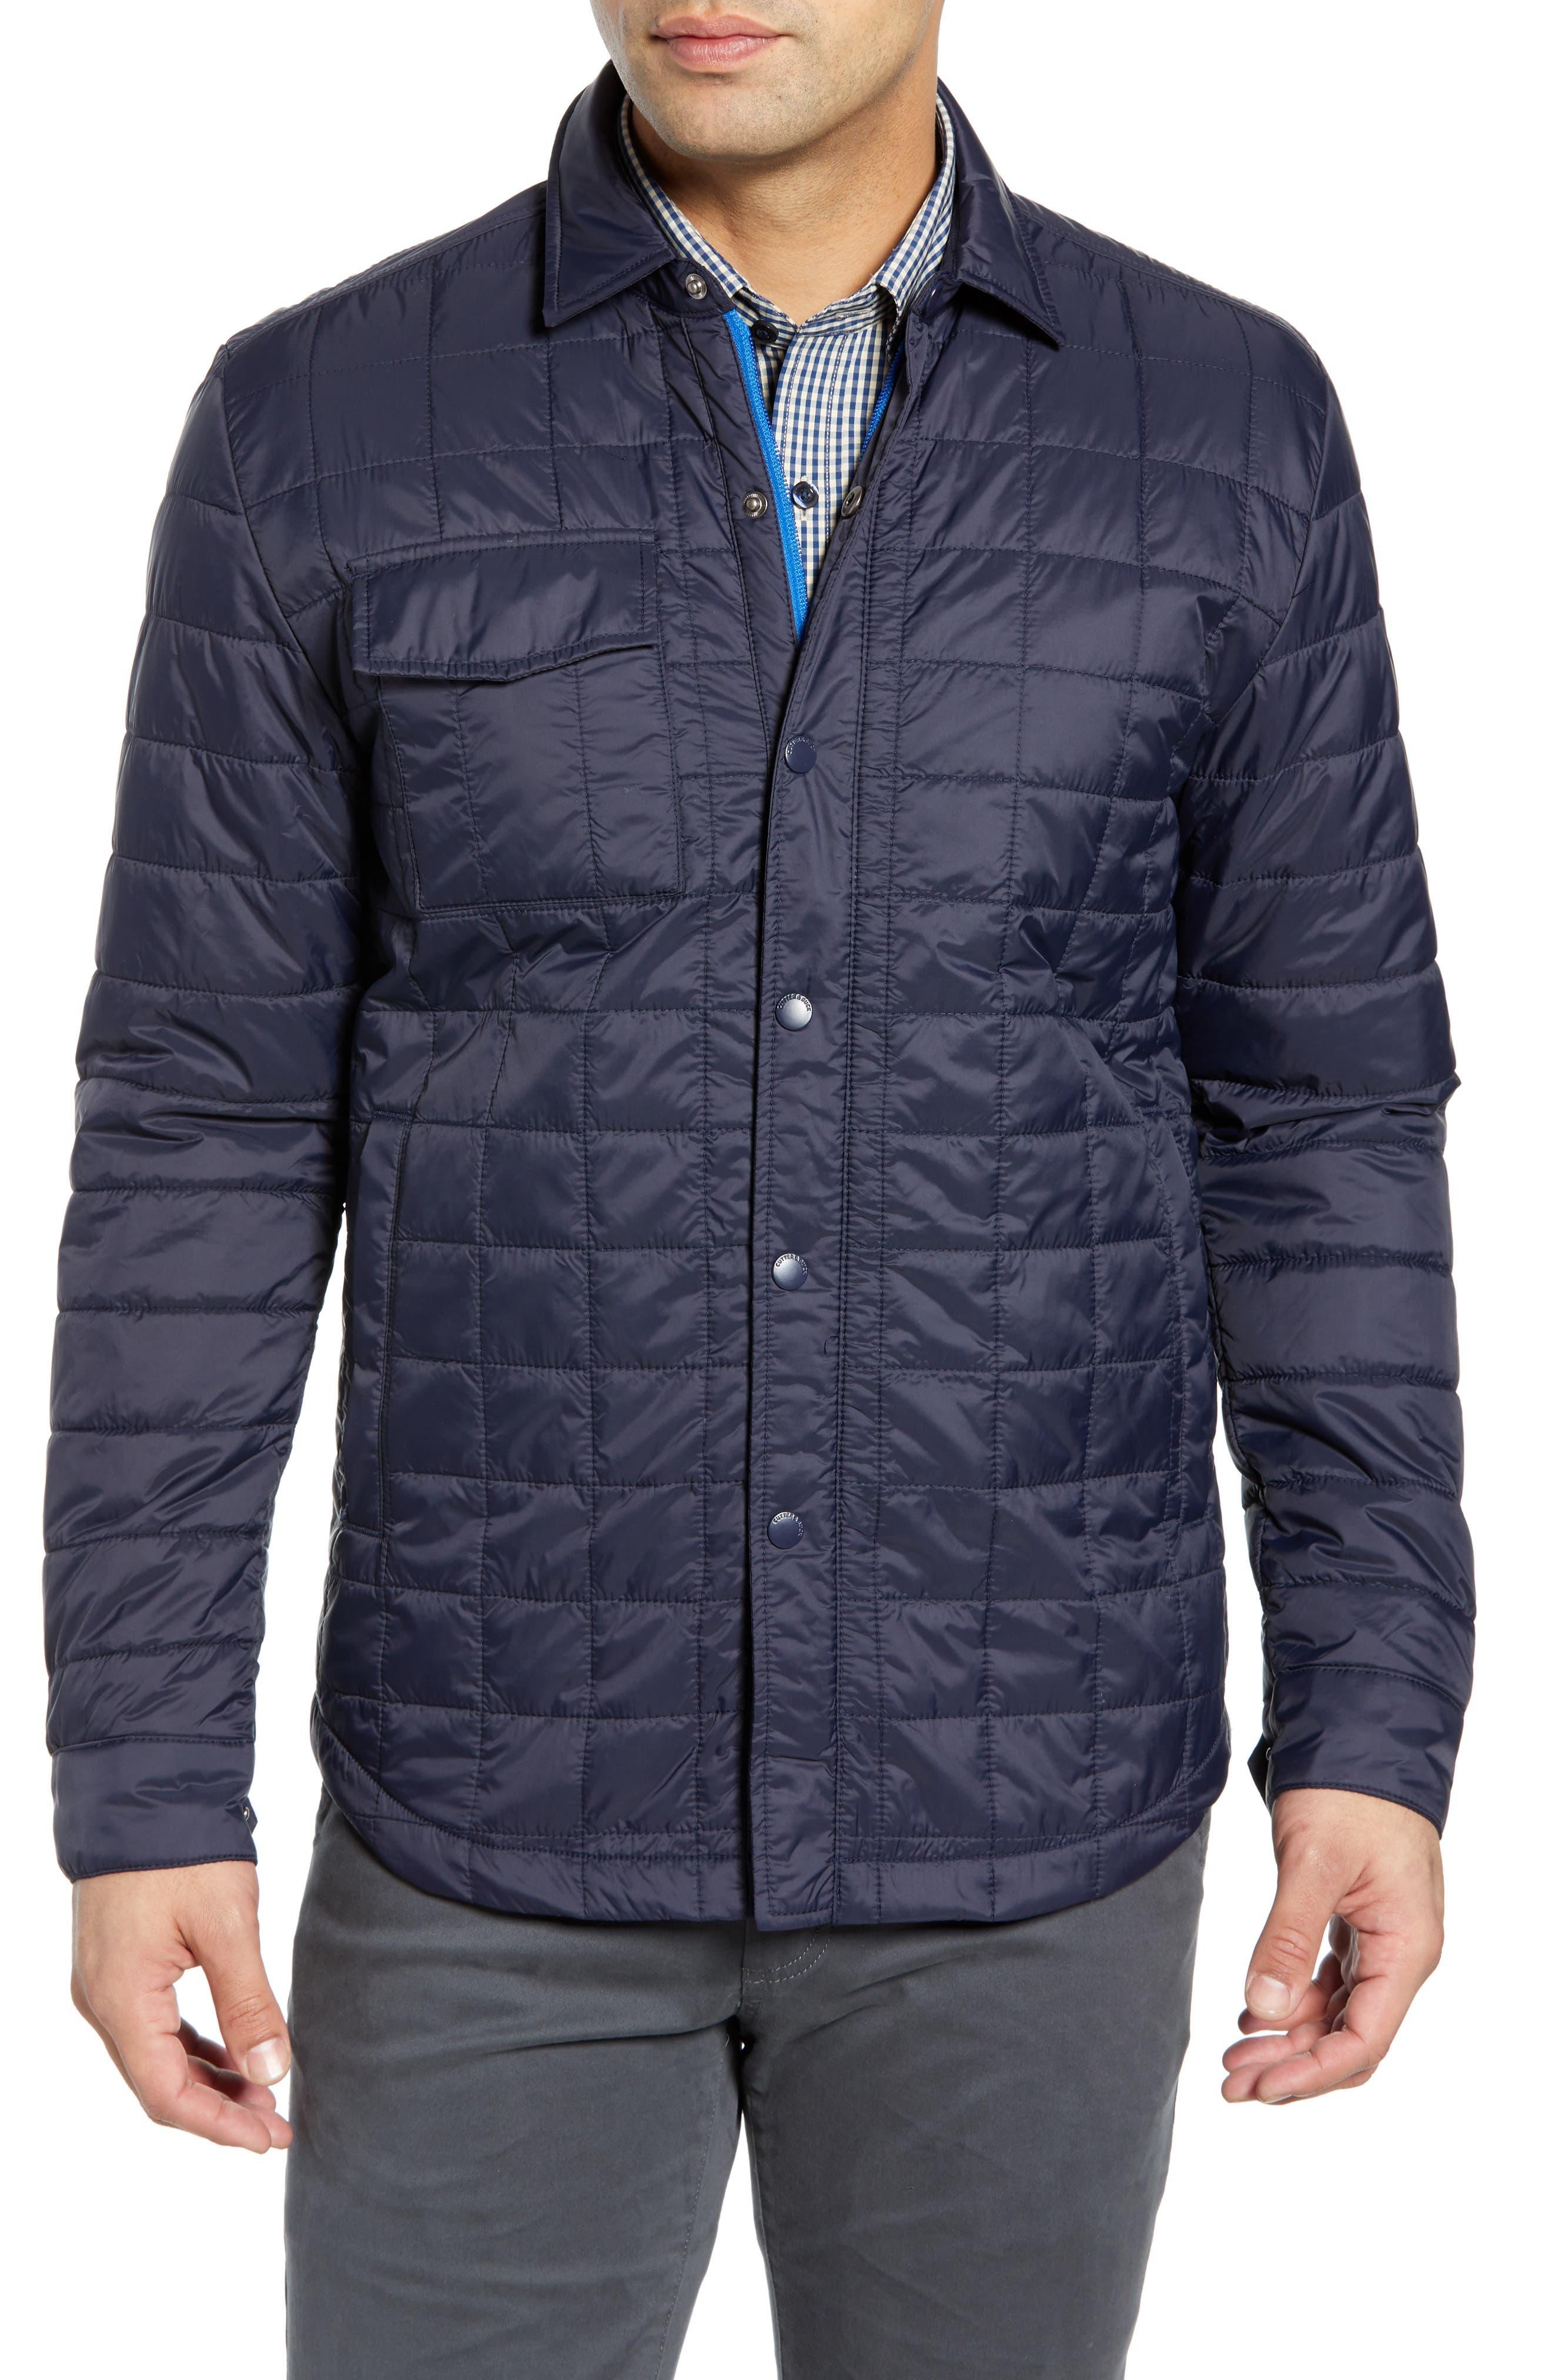 Cutter & Buck Rainier Primaloft Insulated Shirt Jacket, Blue